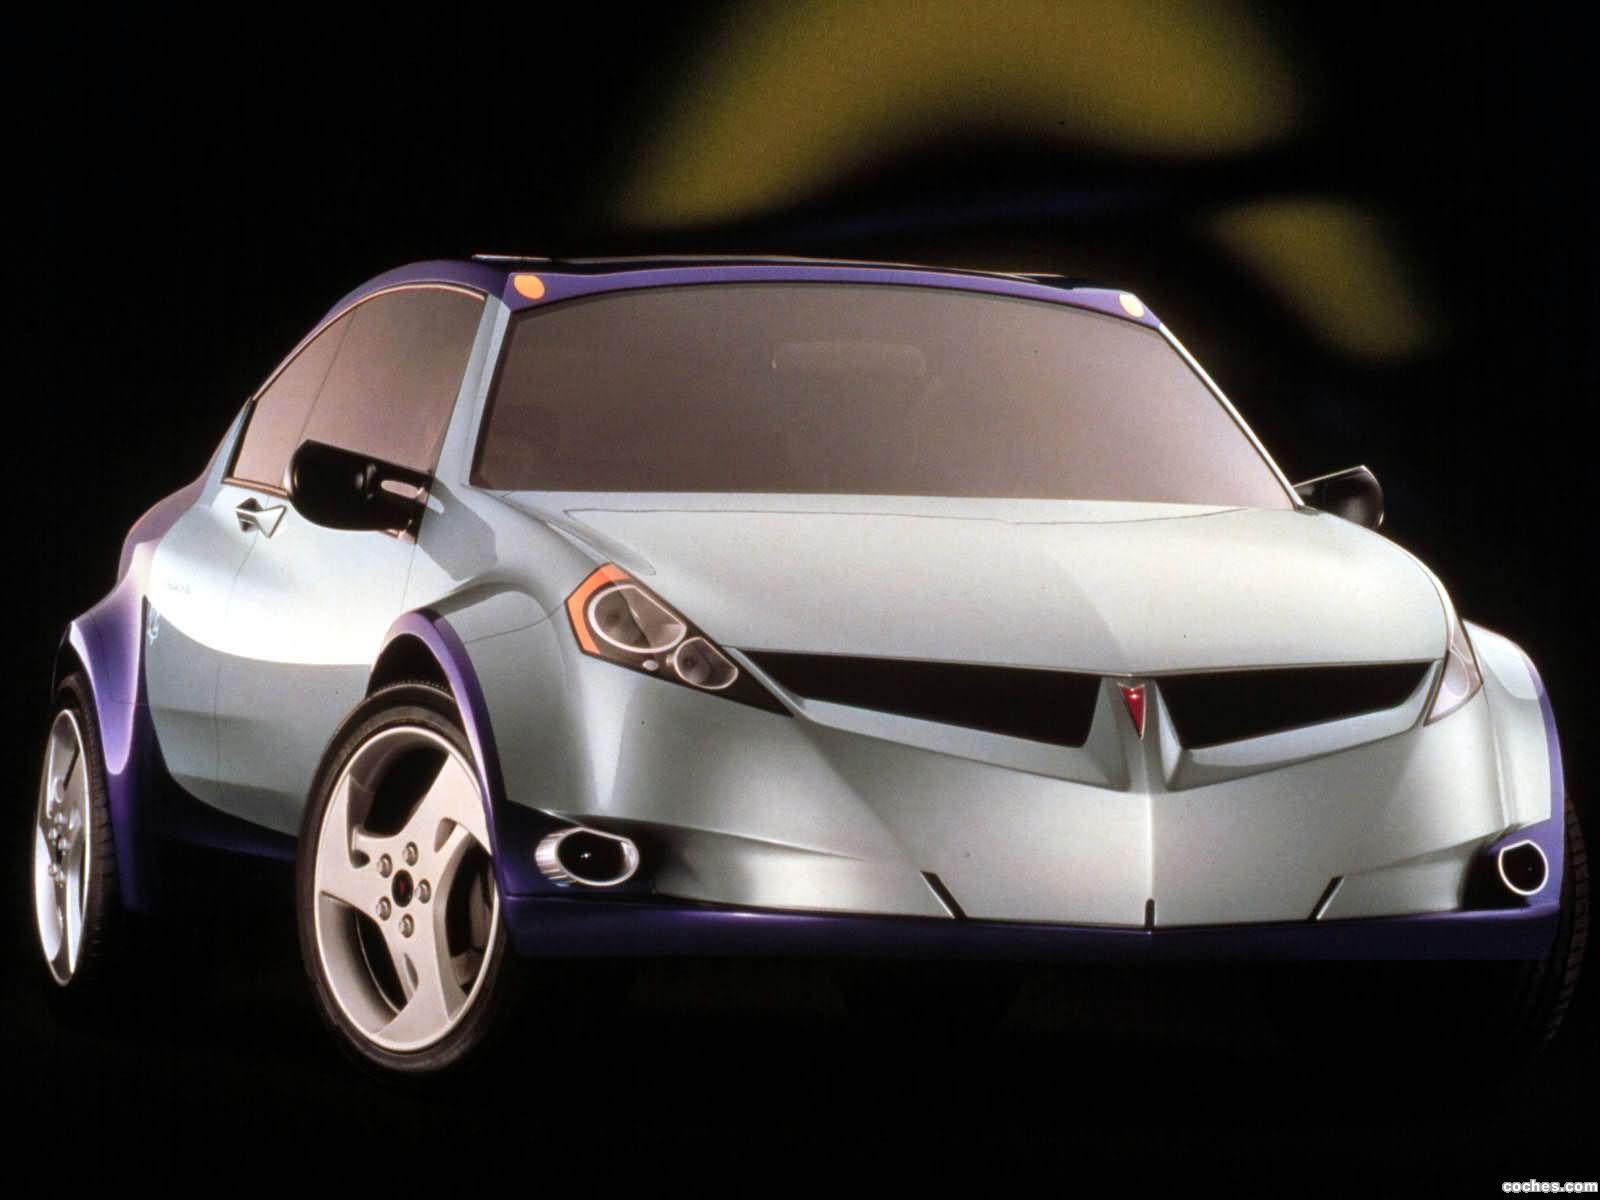 Foto 0 de Pontiac Piranha Concept 2000